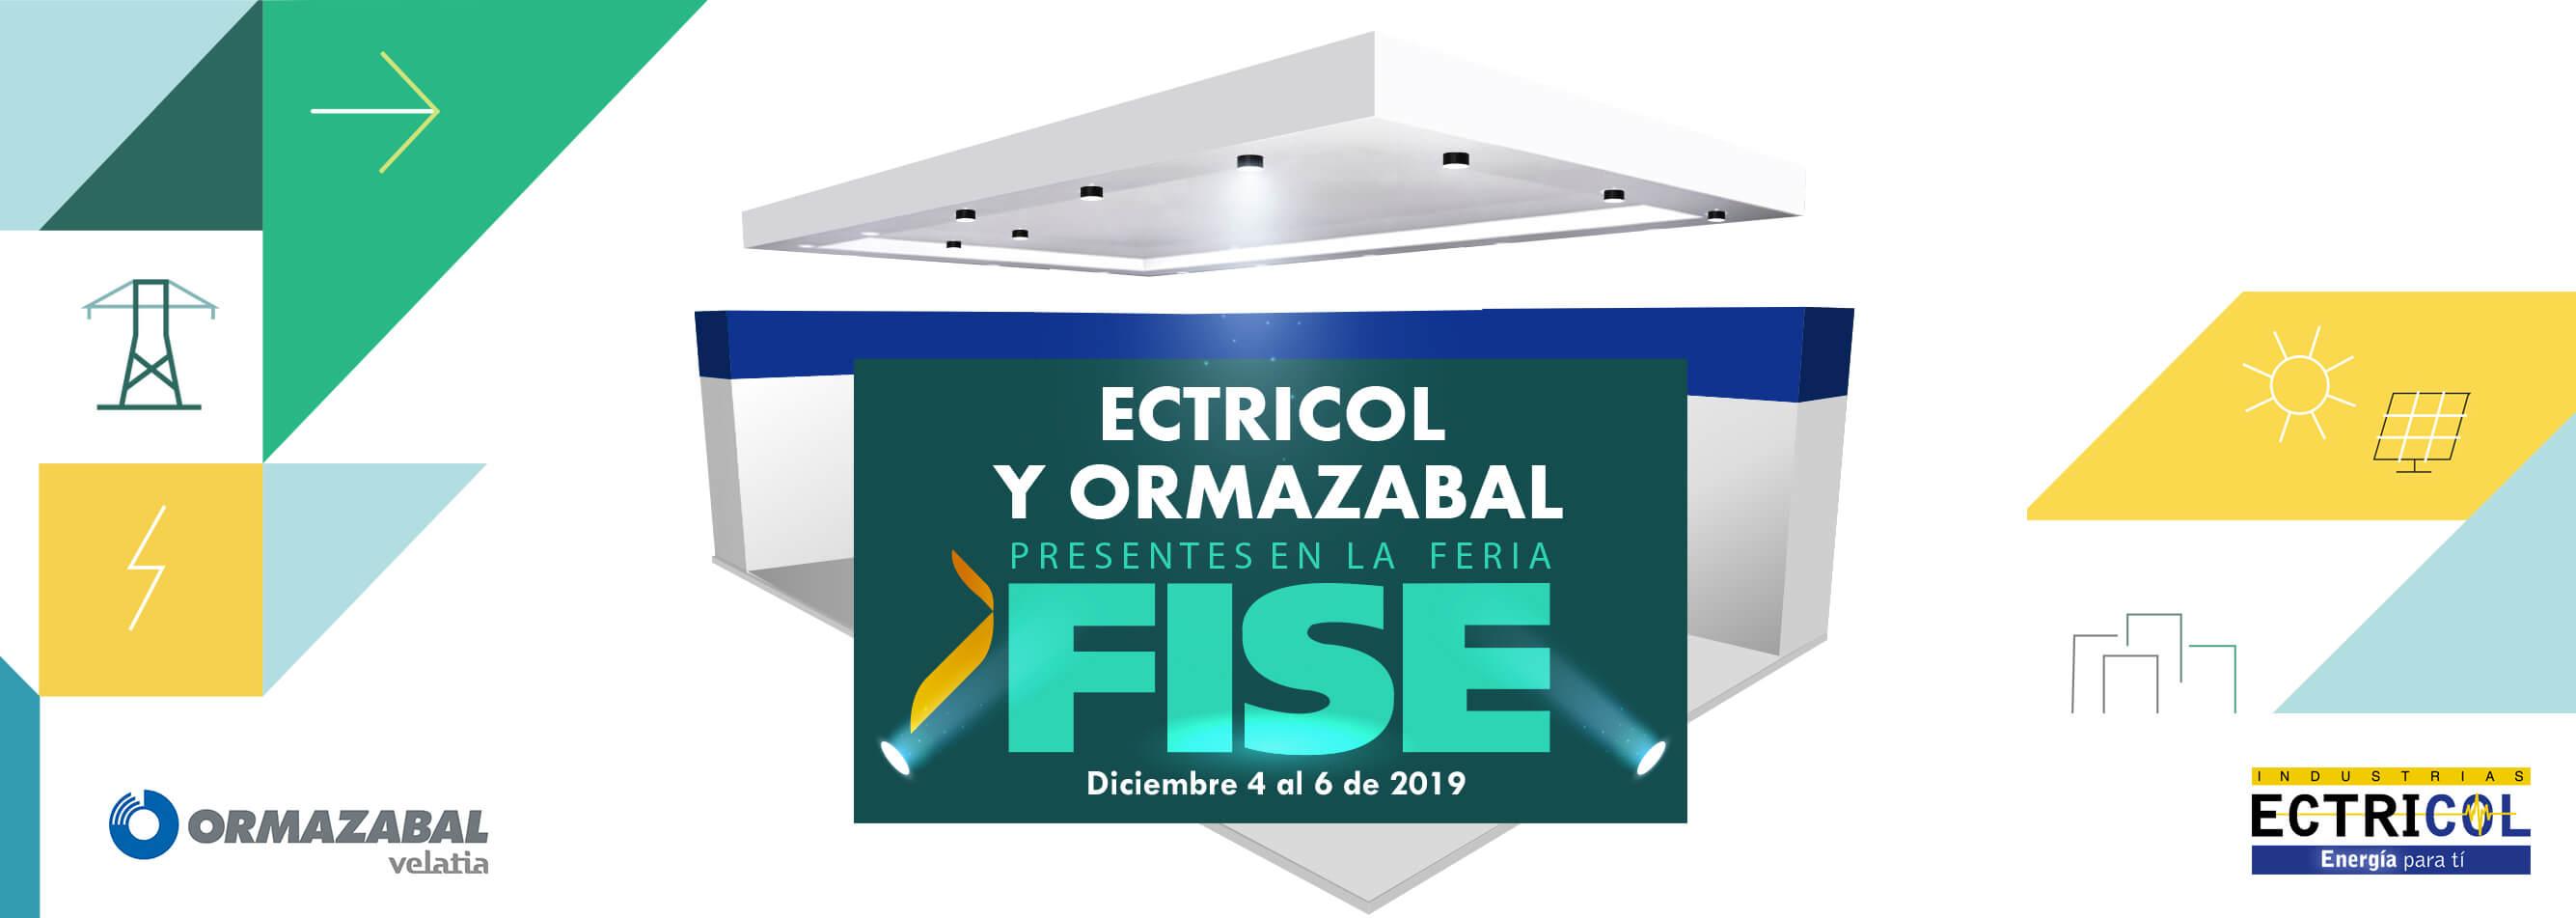 Ectricol y Ormazabal presente en FISE 2019